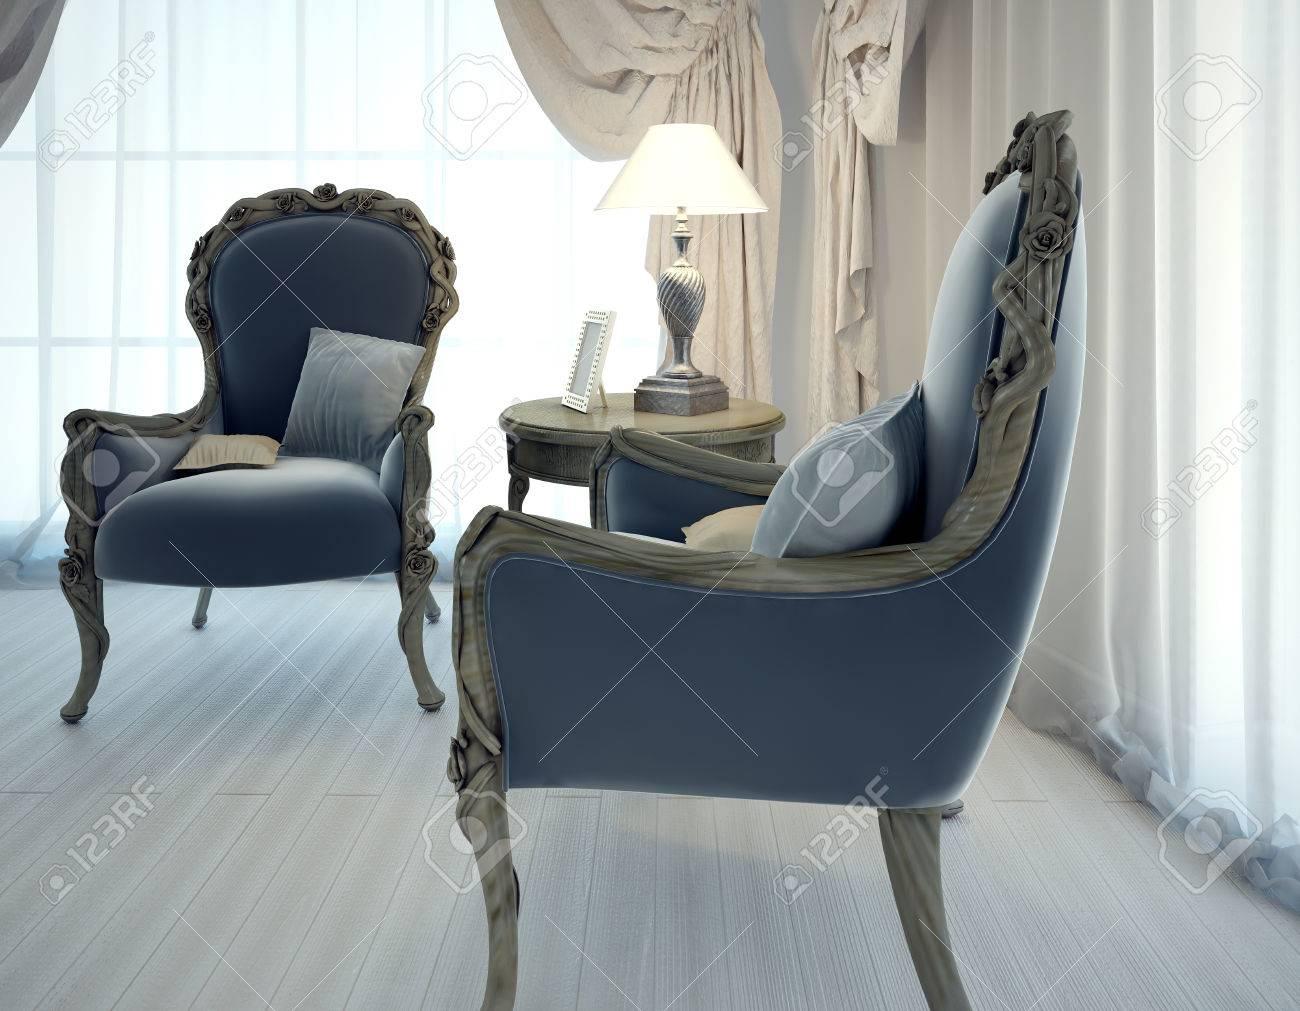 Deux fauteuils de couleur bleu marine en cuir. chaises crinière à la main  dans le salon style art déco. 3D render